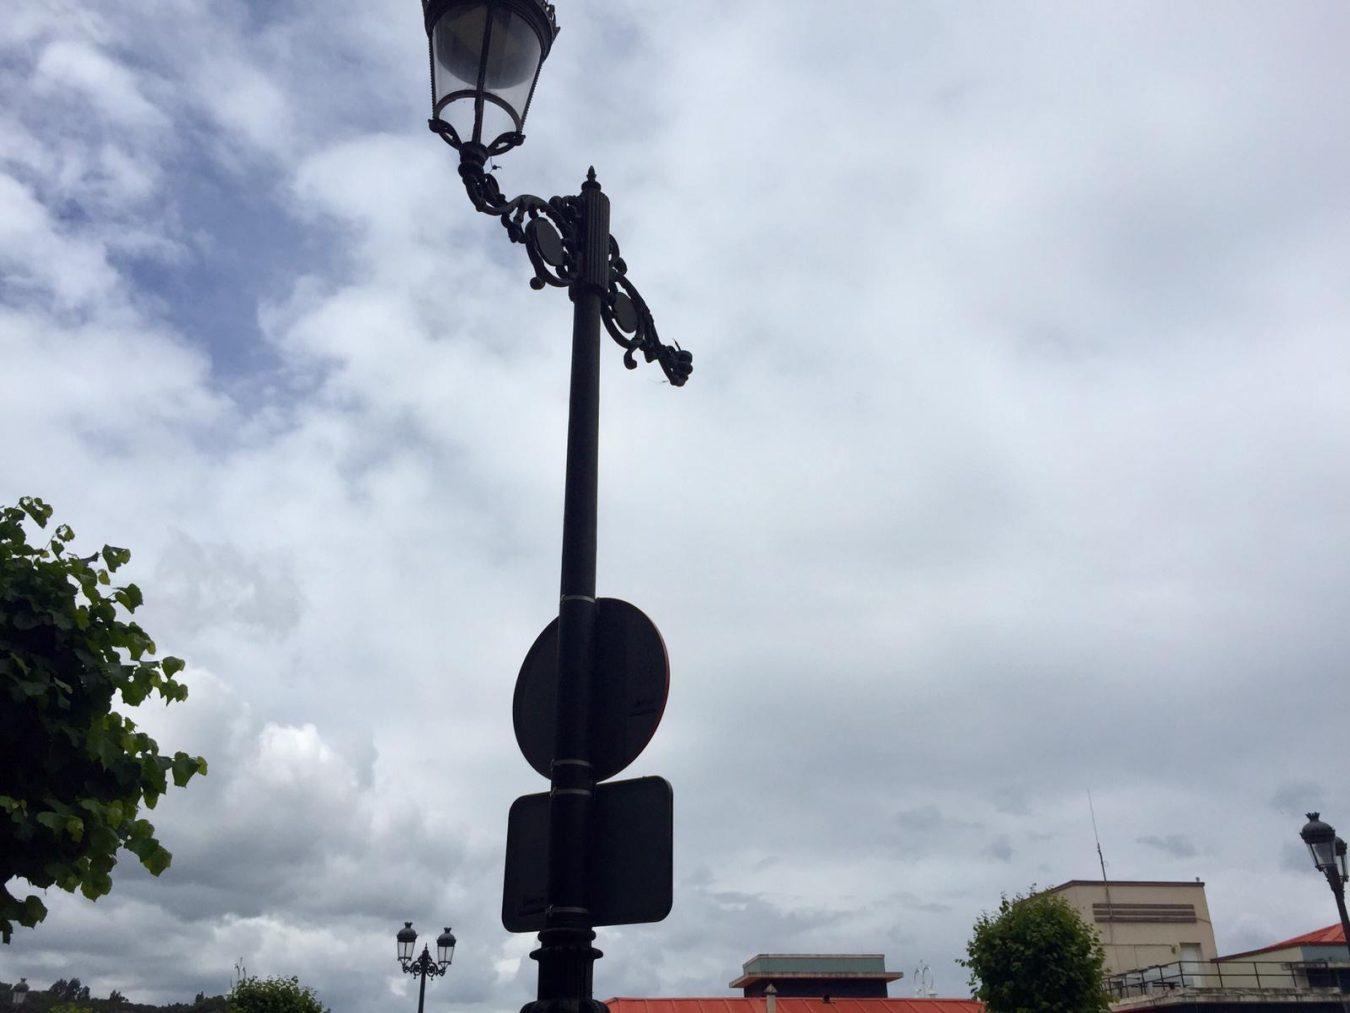 El desprendimiento del foco de una farola daña el capó de un coche en Ribadesella